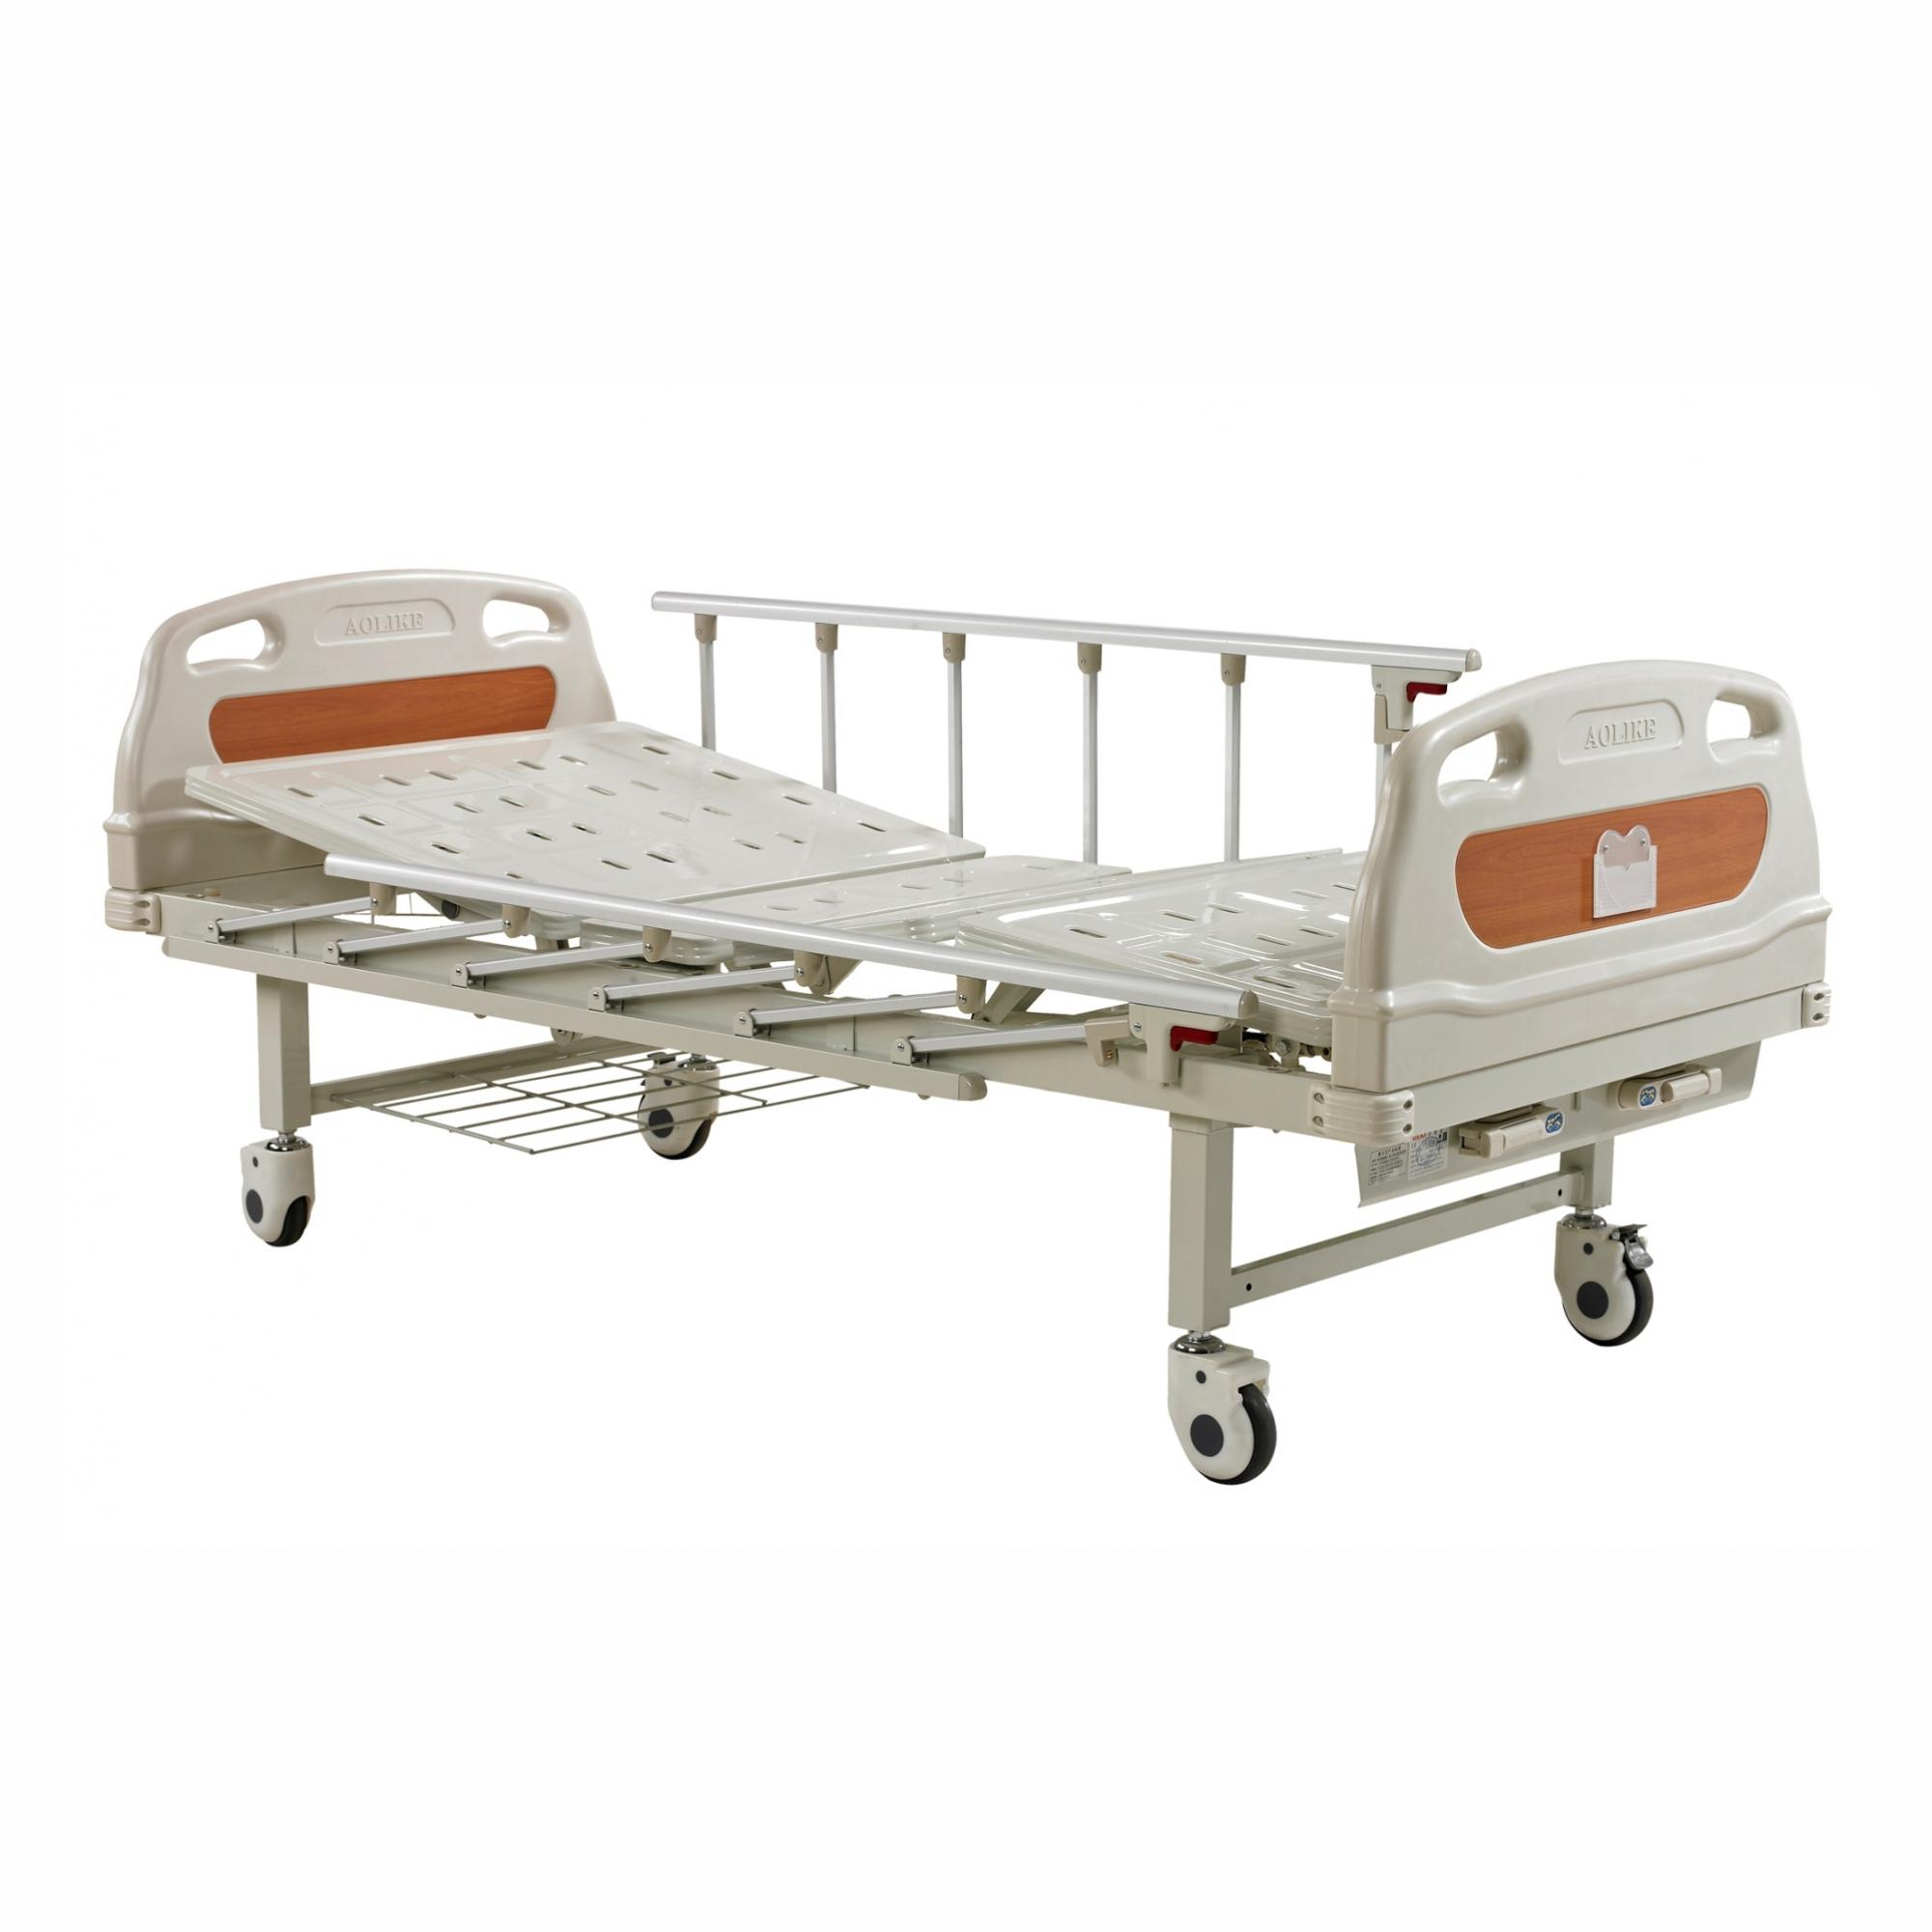 Cama Hospitalar Manual 2 movimentos ALK06 A232P